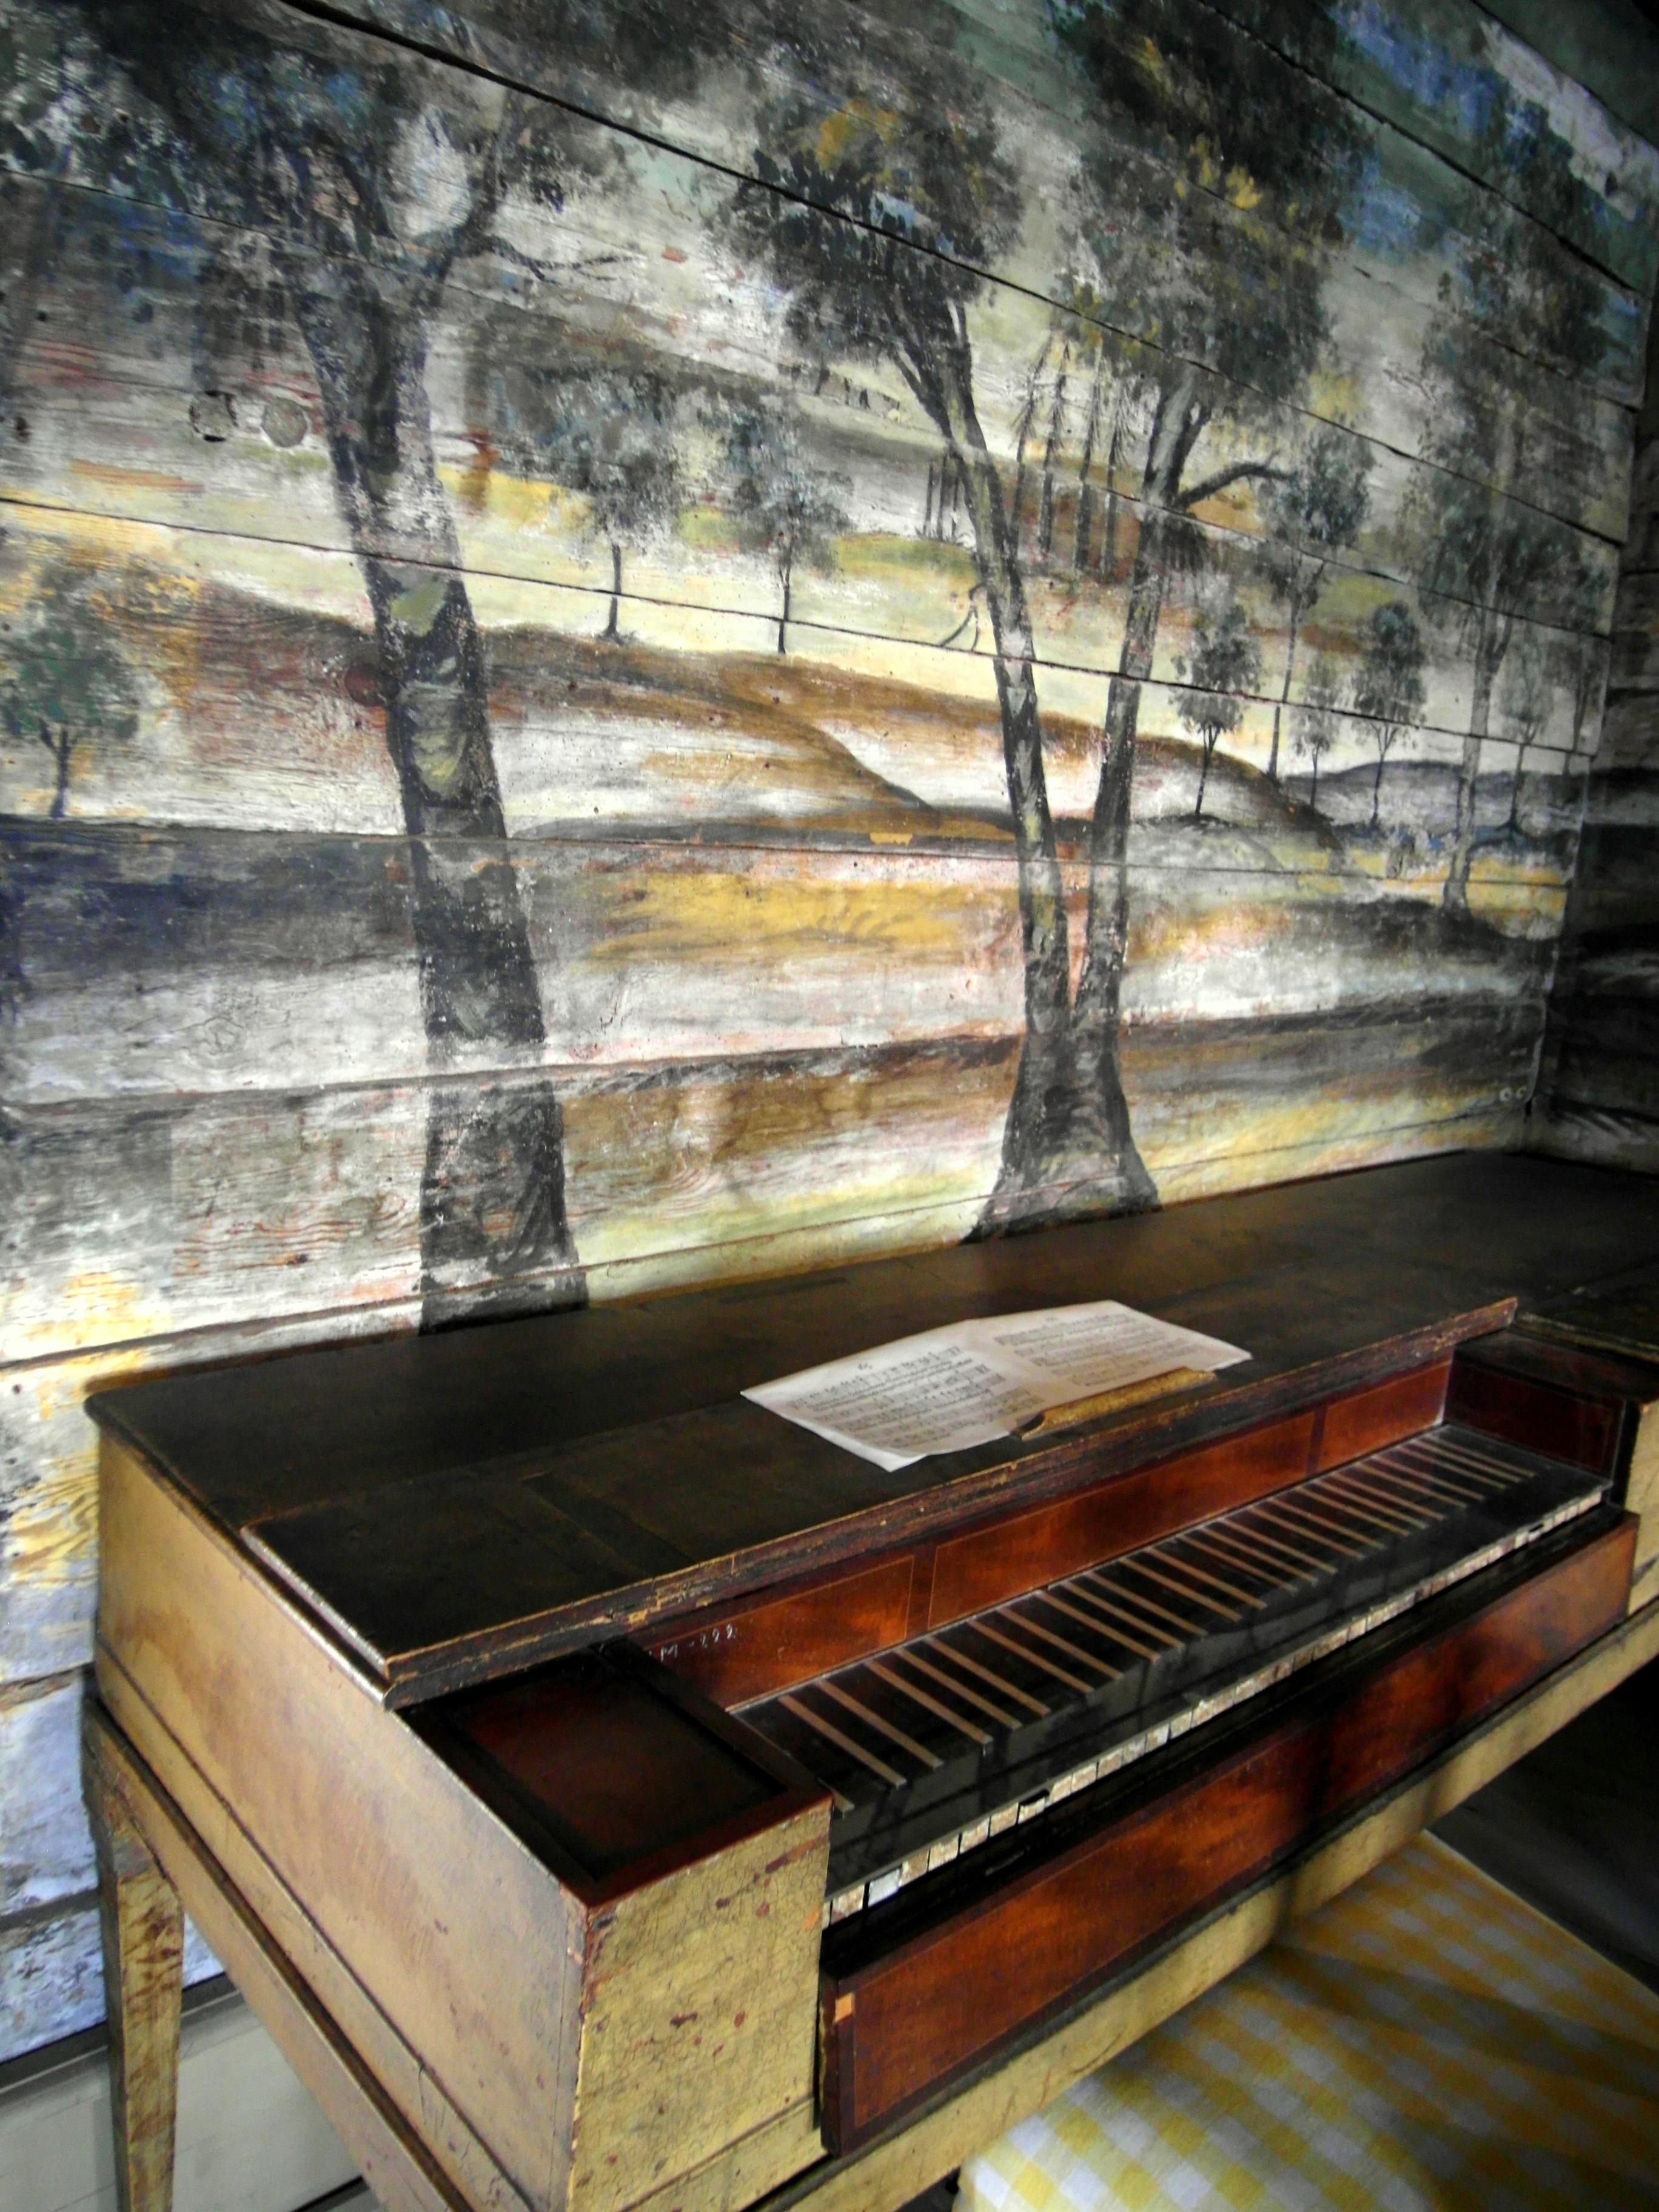 File:interördetalj, västra vrams prästgård   piano och målad vägg ...